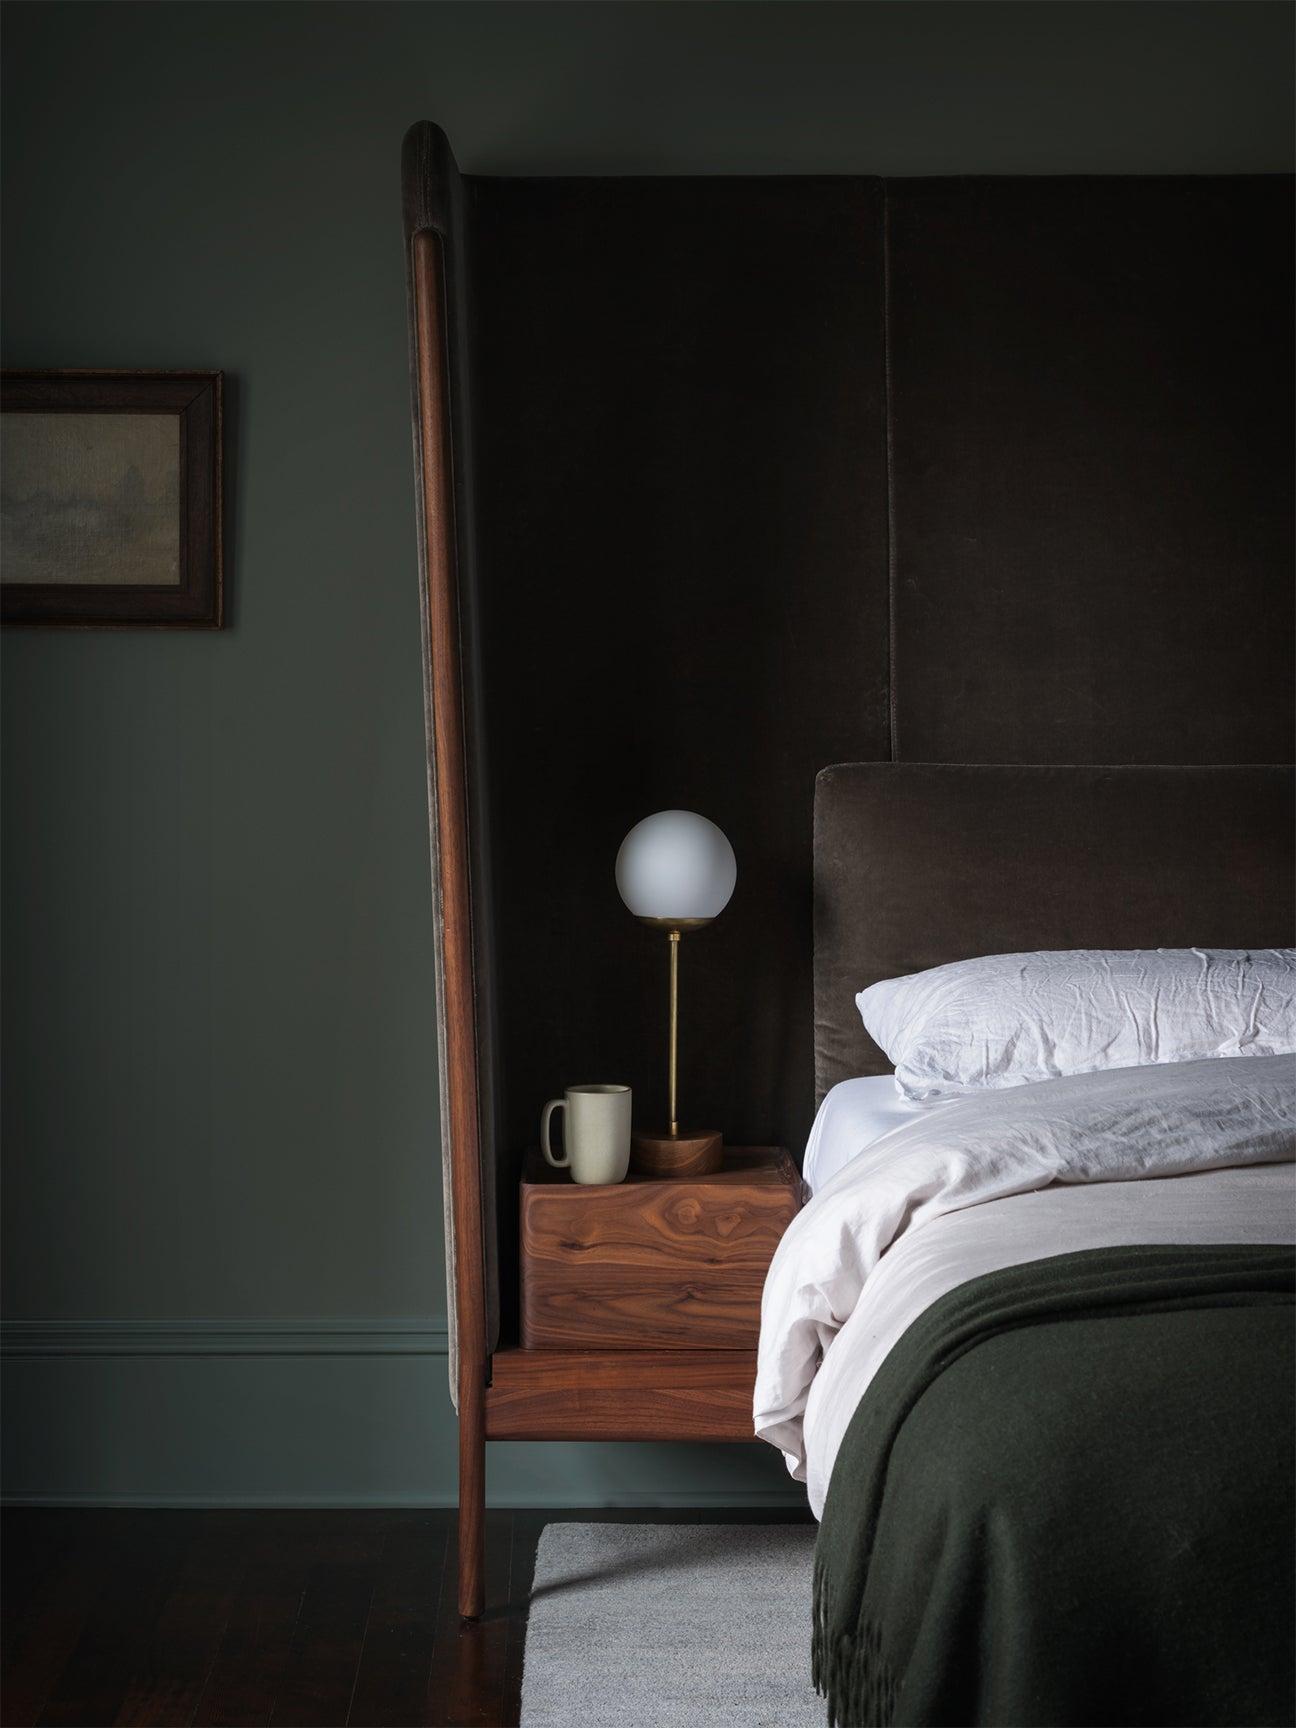 dark moody bedroom with wood headboard